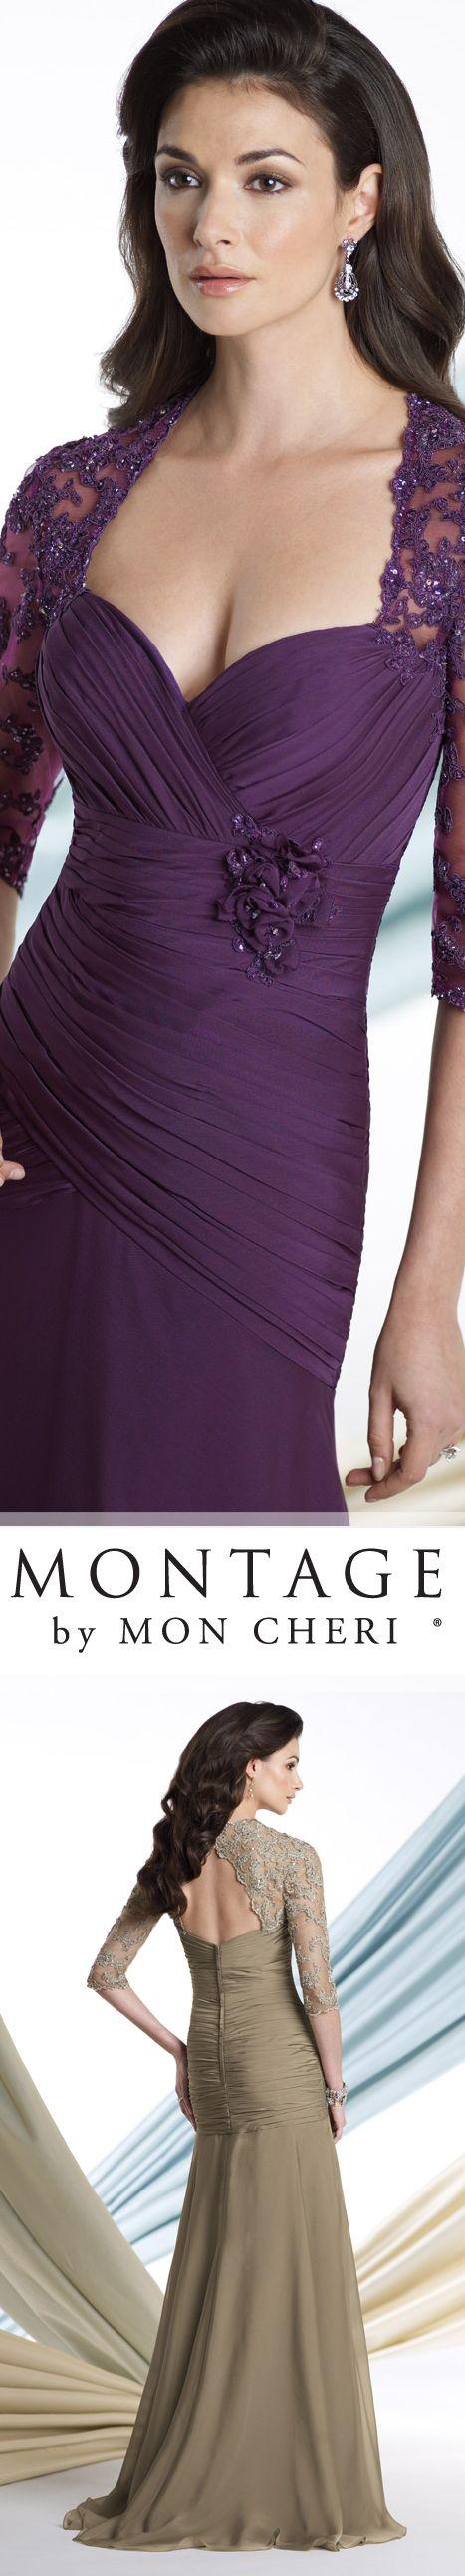 Mejores 106 imágenes de vestidos en Pinterest   Vestidos de noche ...